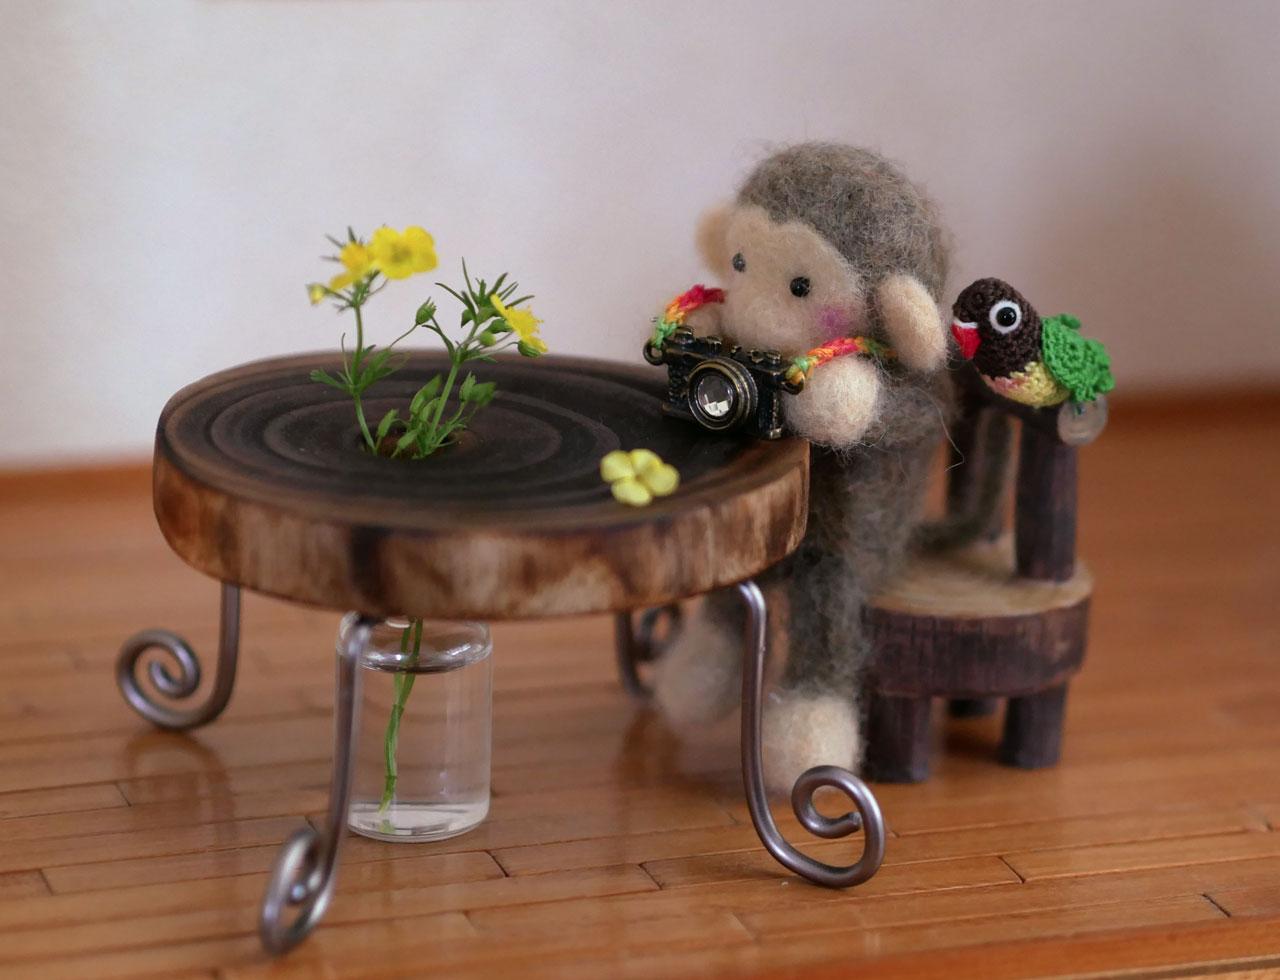 穴あき丸太の輪切りコースターで作るミニチュアテーブル12